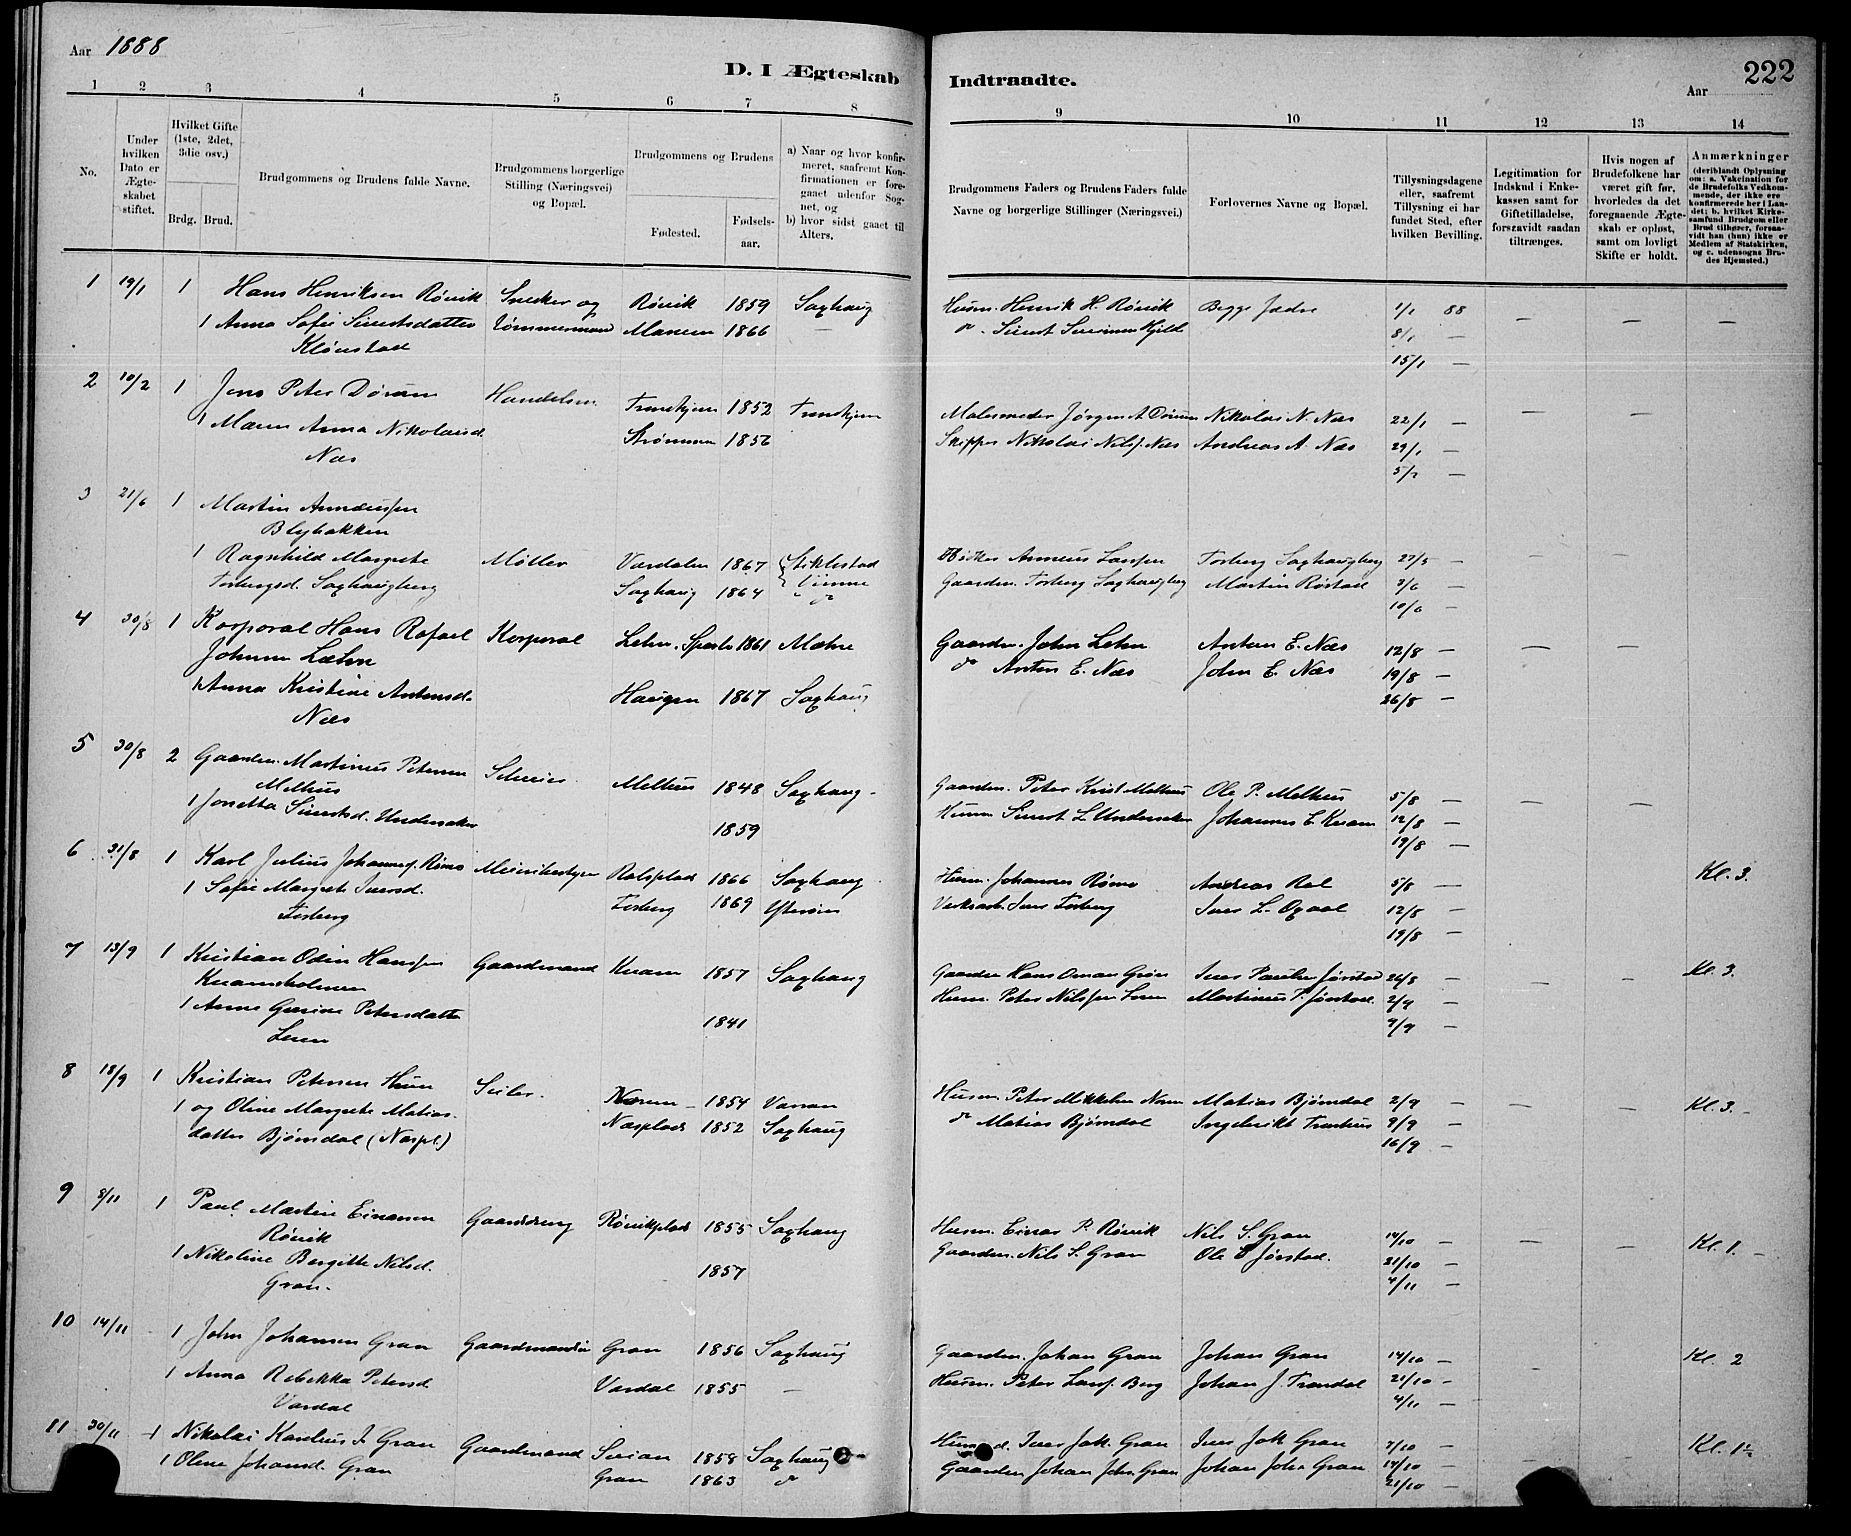 SAT, Ministerialprotokoller, klokkerbøker og fødselsregistre - Nord-Trøndelag, 730/L0301: Klokkerbok nr. 730C04, 1880-1897, s. 222